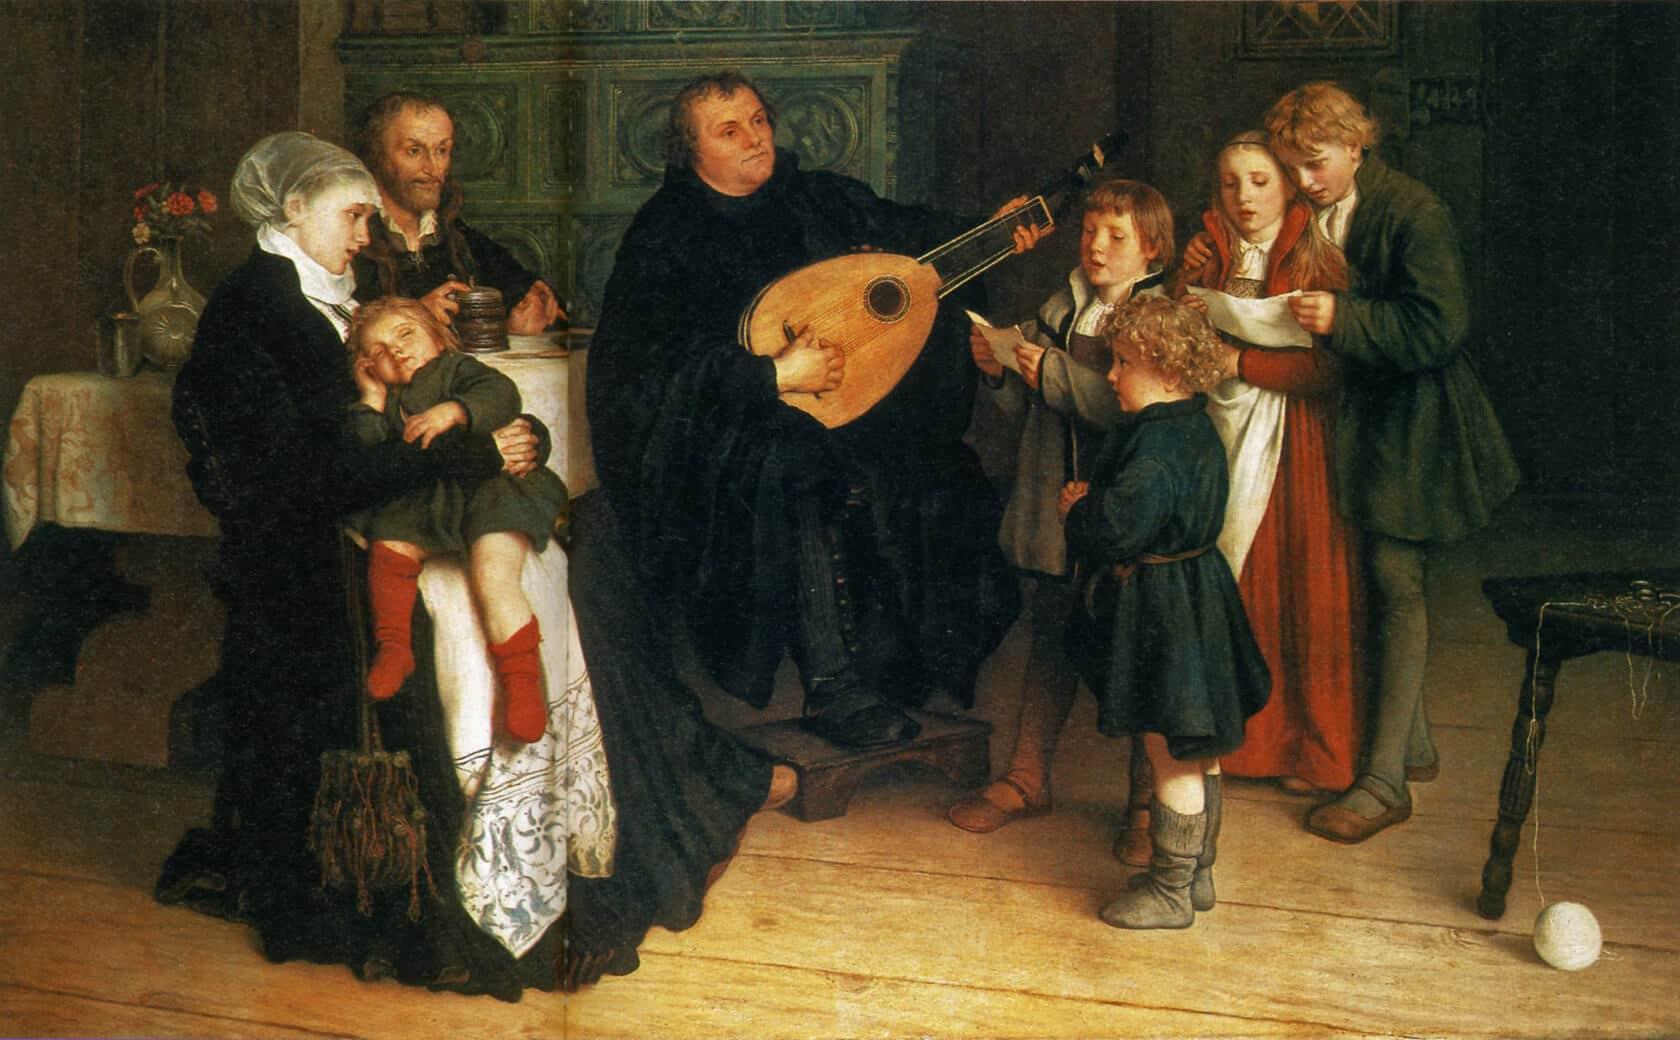 Luther im Kreise seiner Familie musizierend